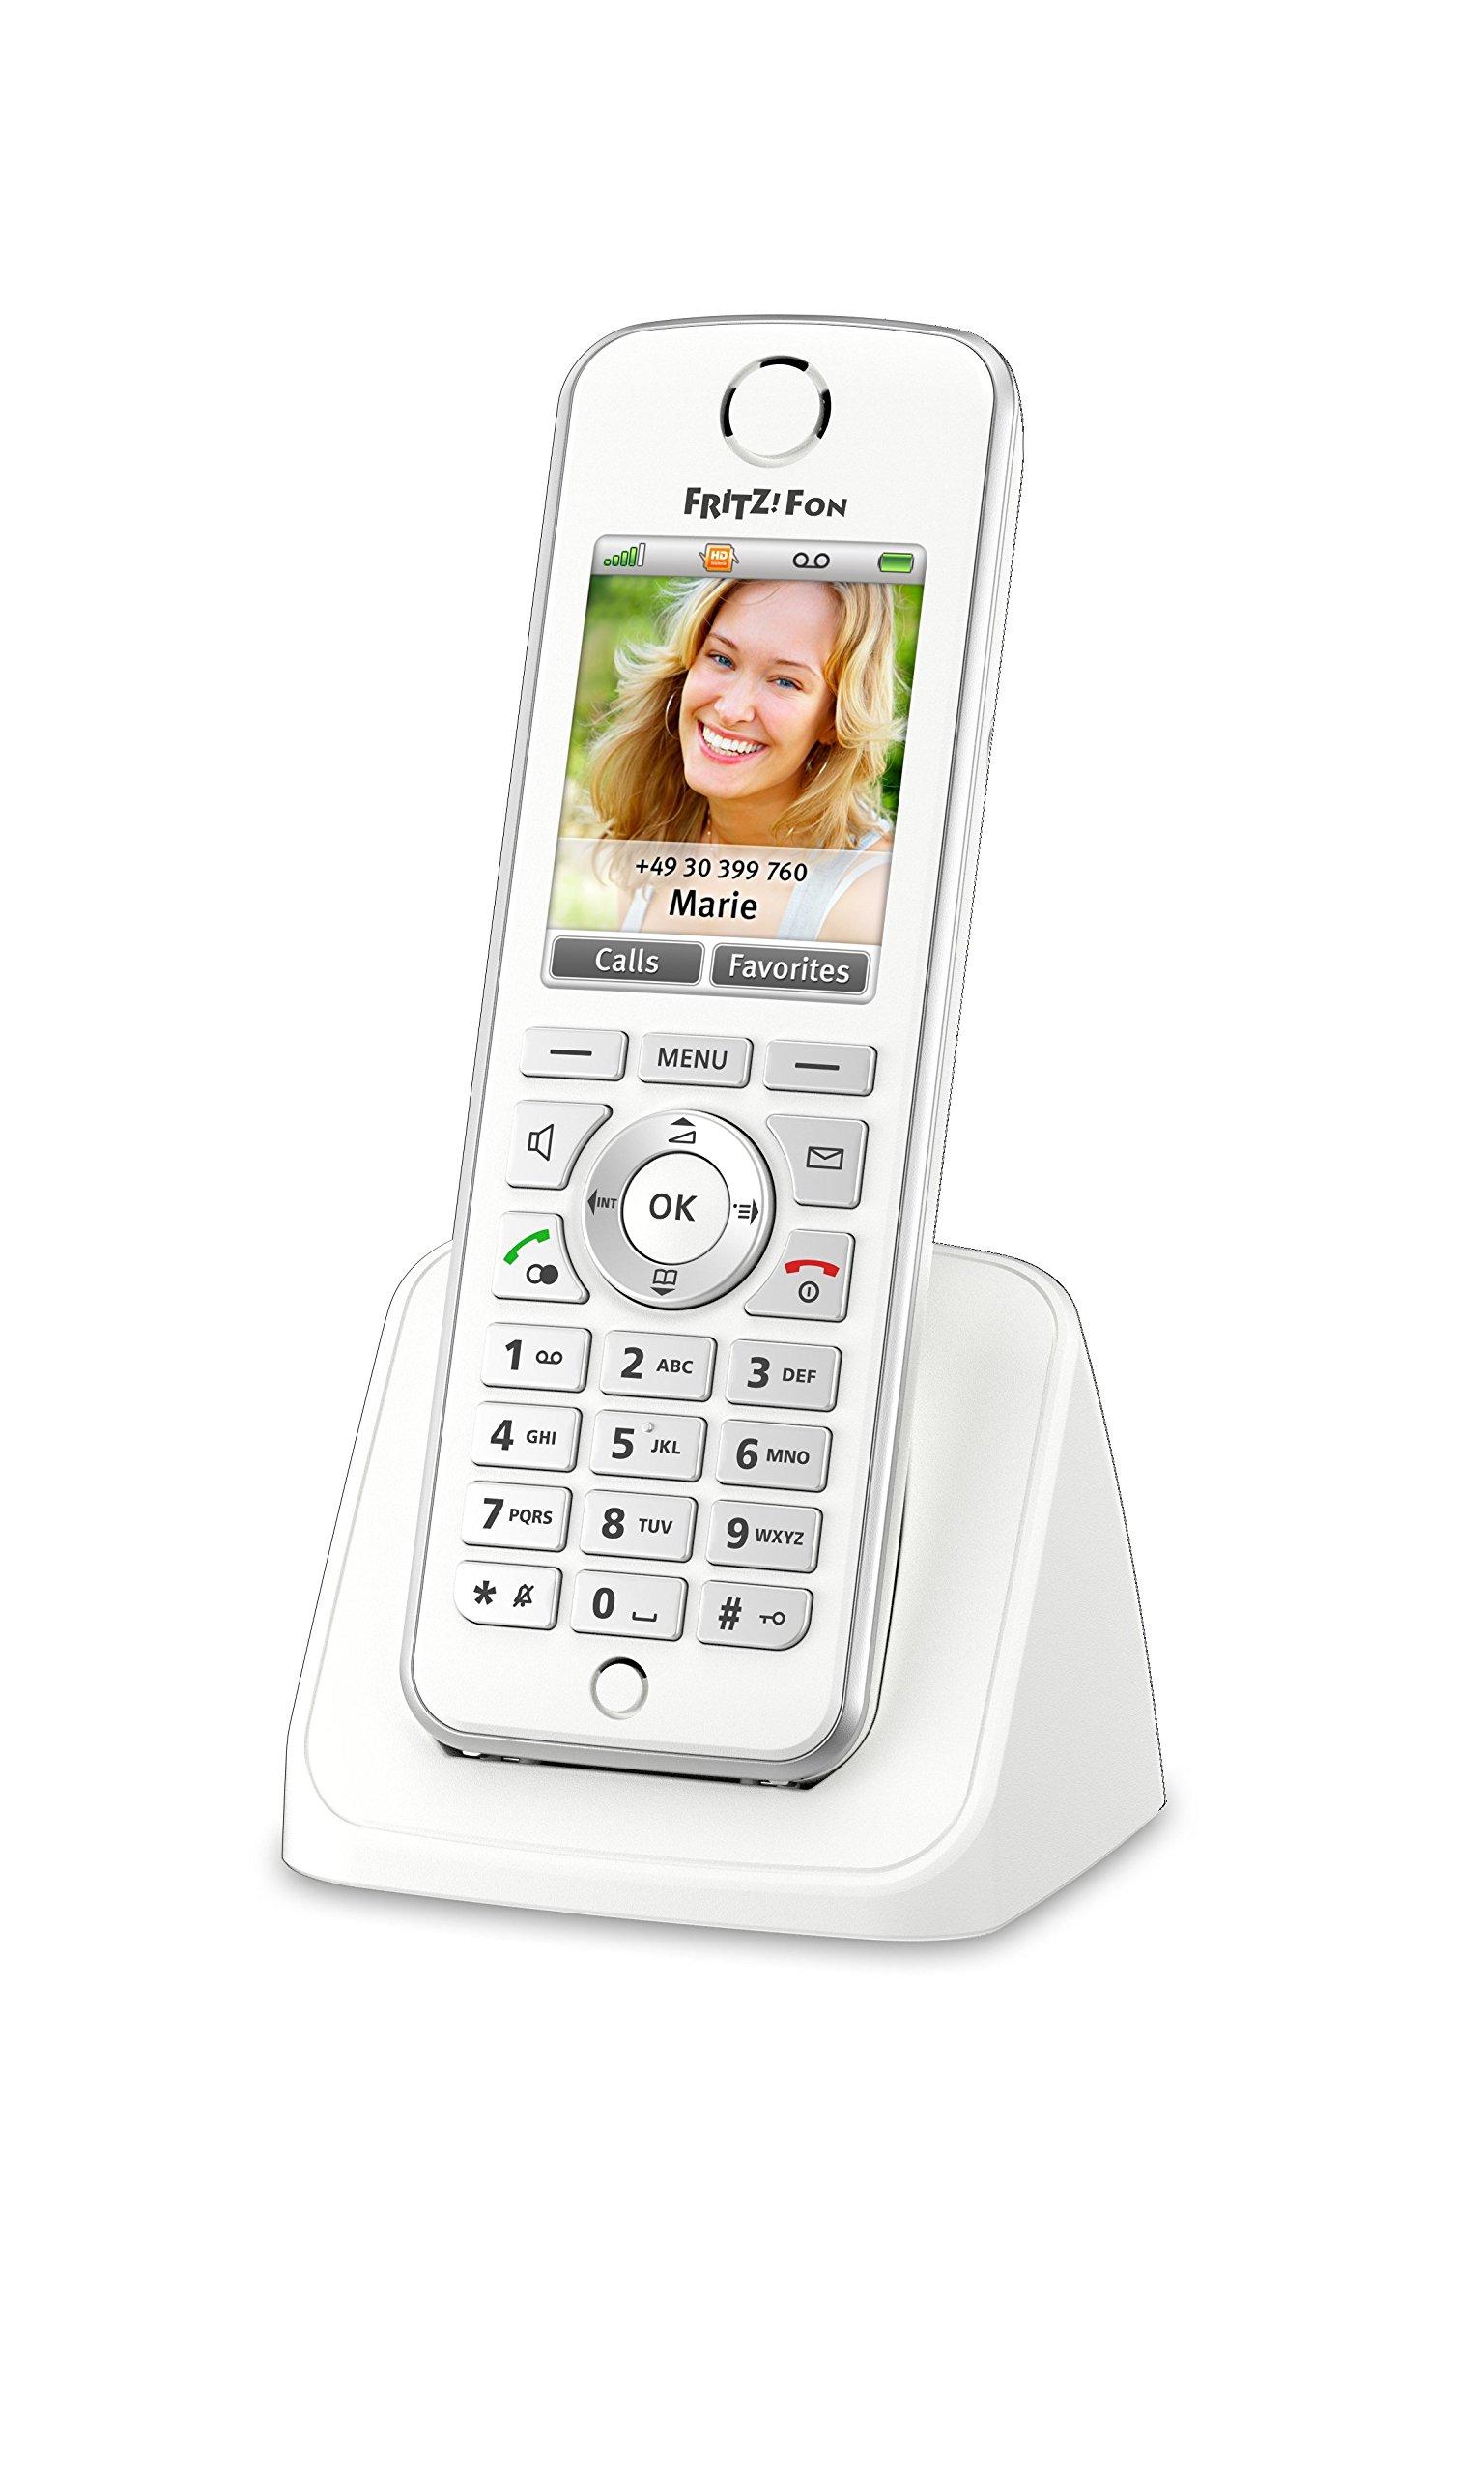 AVM FRITZ! Fon C4 Telefono Cordless a Colori, Invio e Ricezione Mail, Podcast, Webradio, Babyphone,